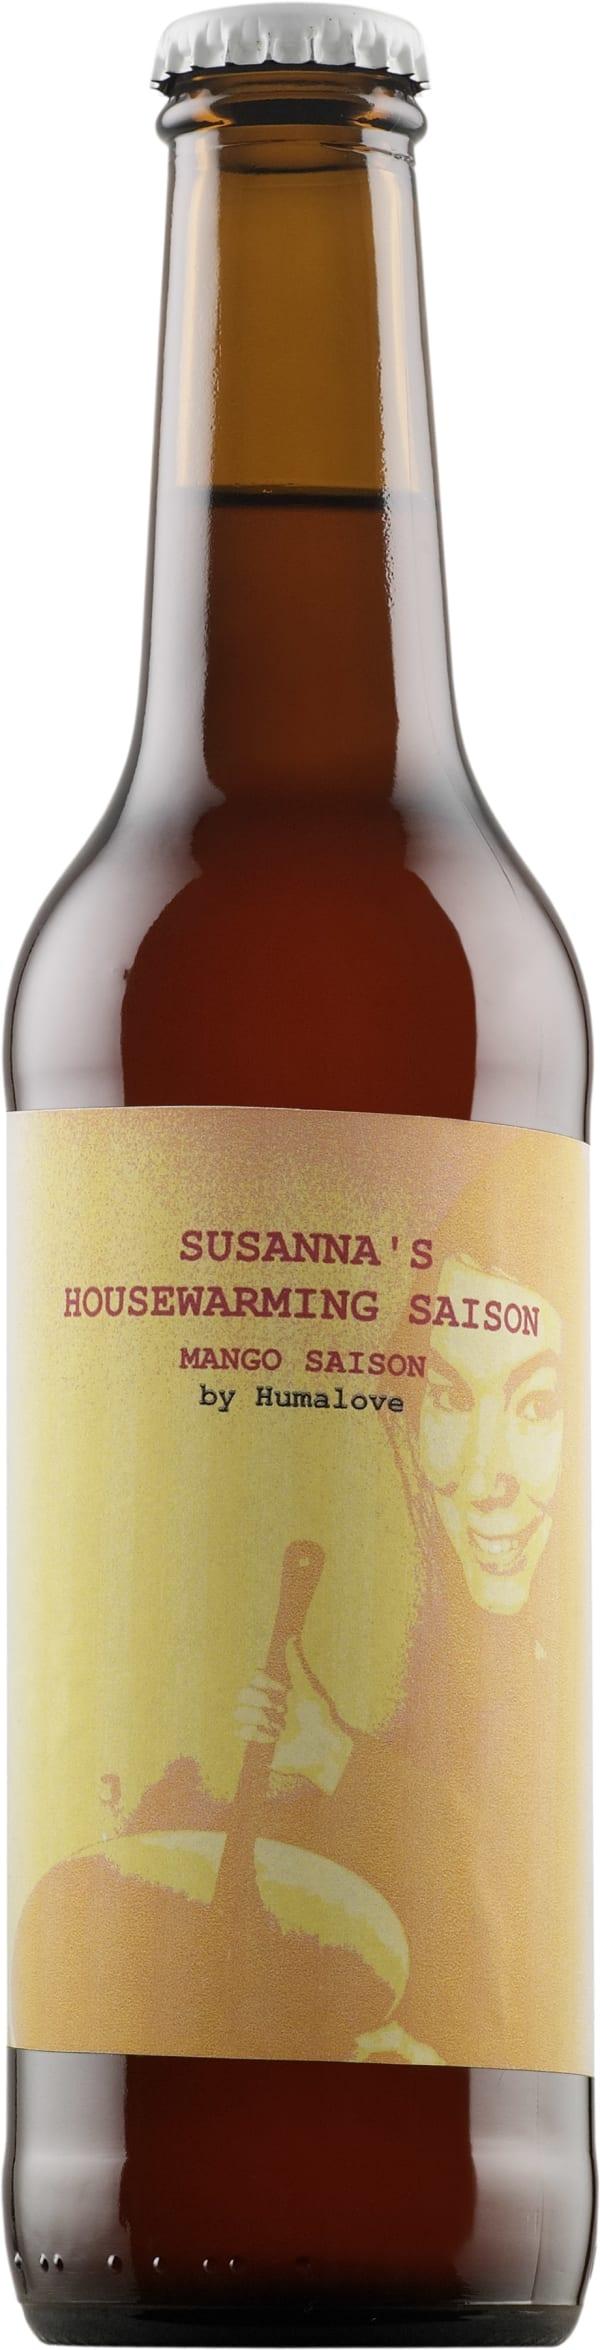 Humalove Susanna's Housewarming Saison